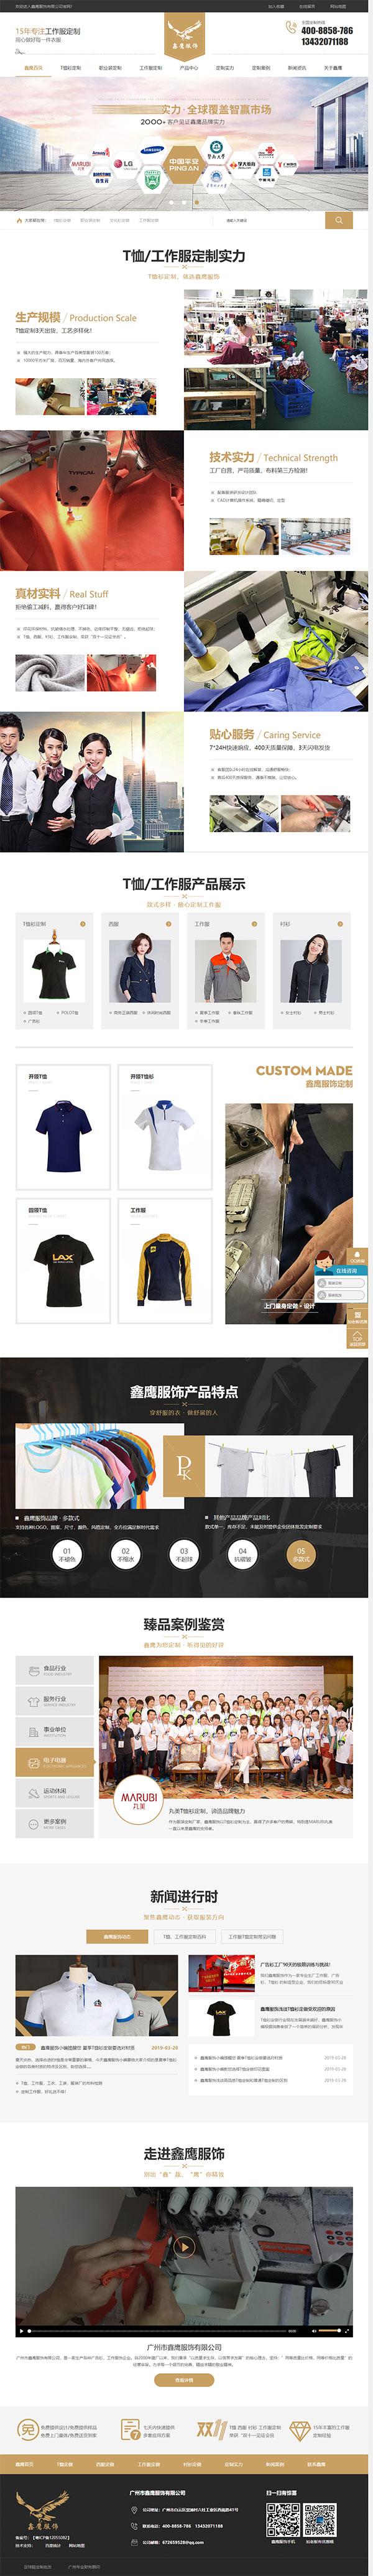 鑫鹰服饰-营销型网站案例展示